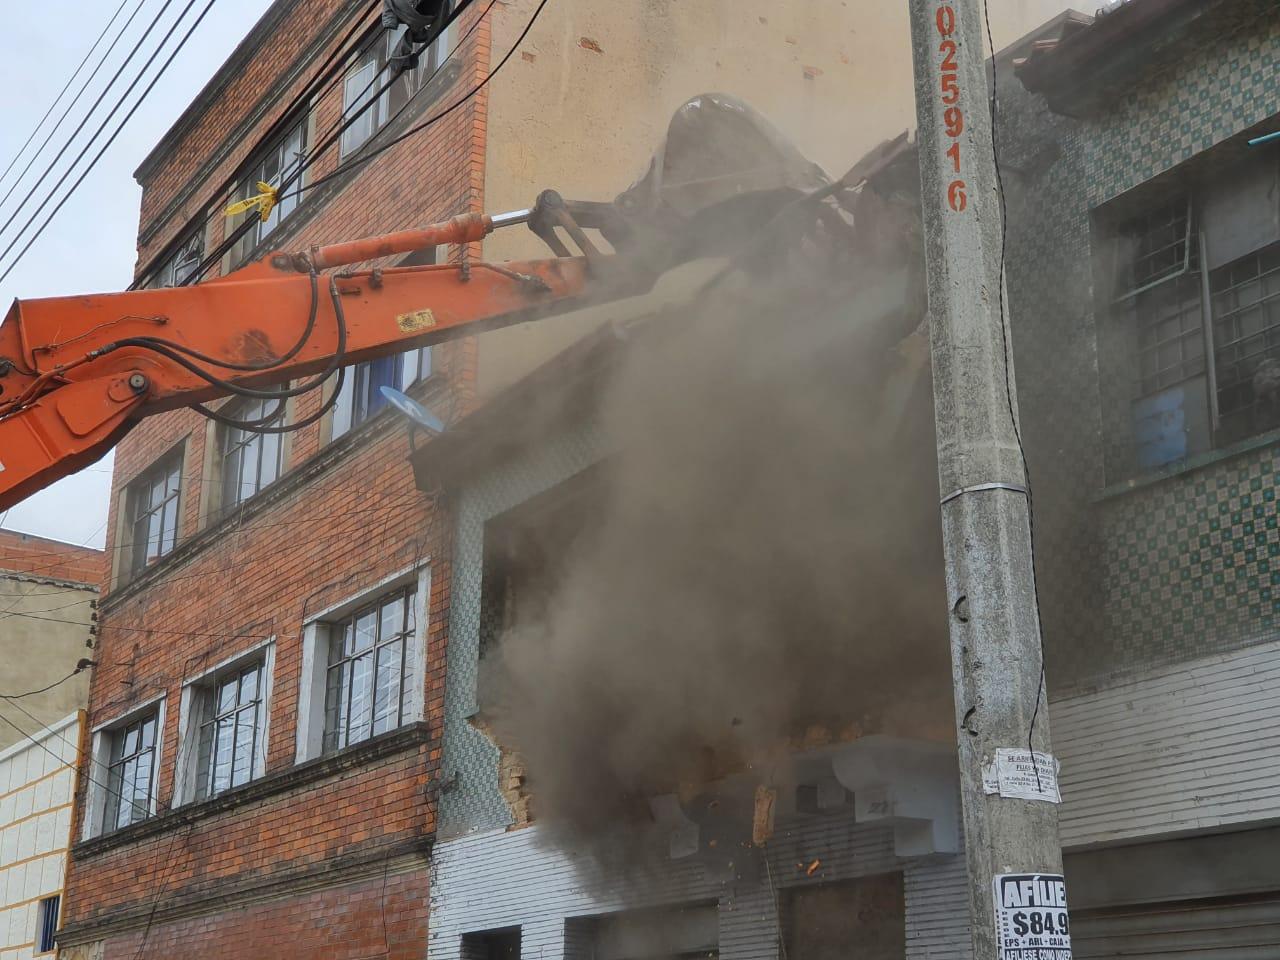 En este momento una máquina inicia la obra de demolición del predio- FOTO: Prensa Secretaría de Seguridad